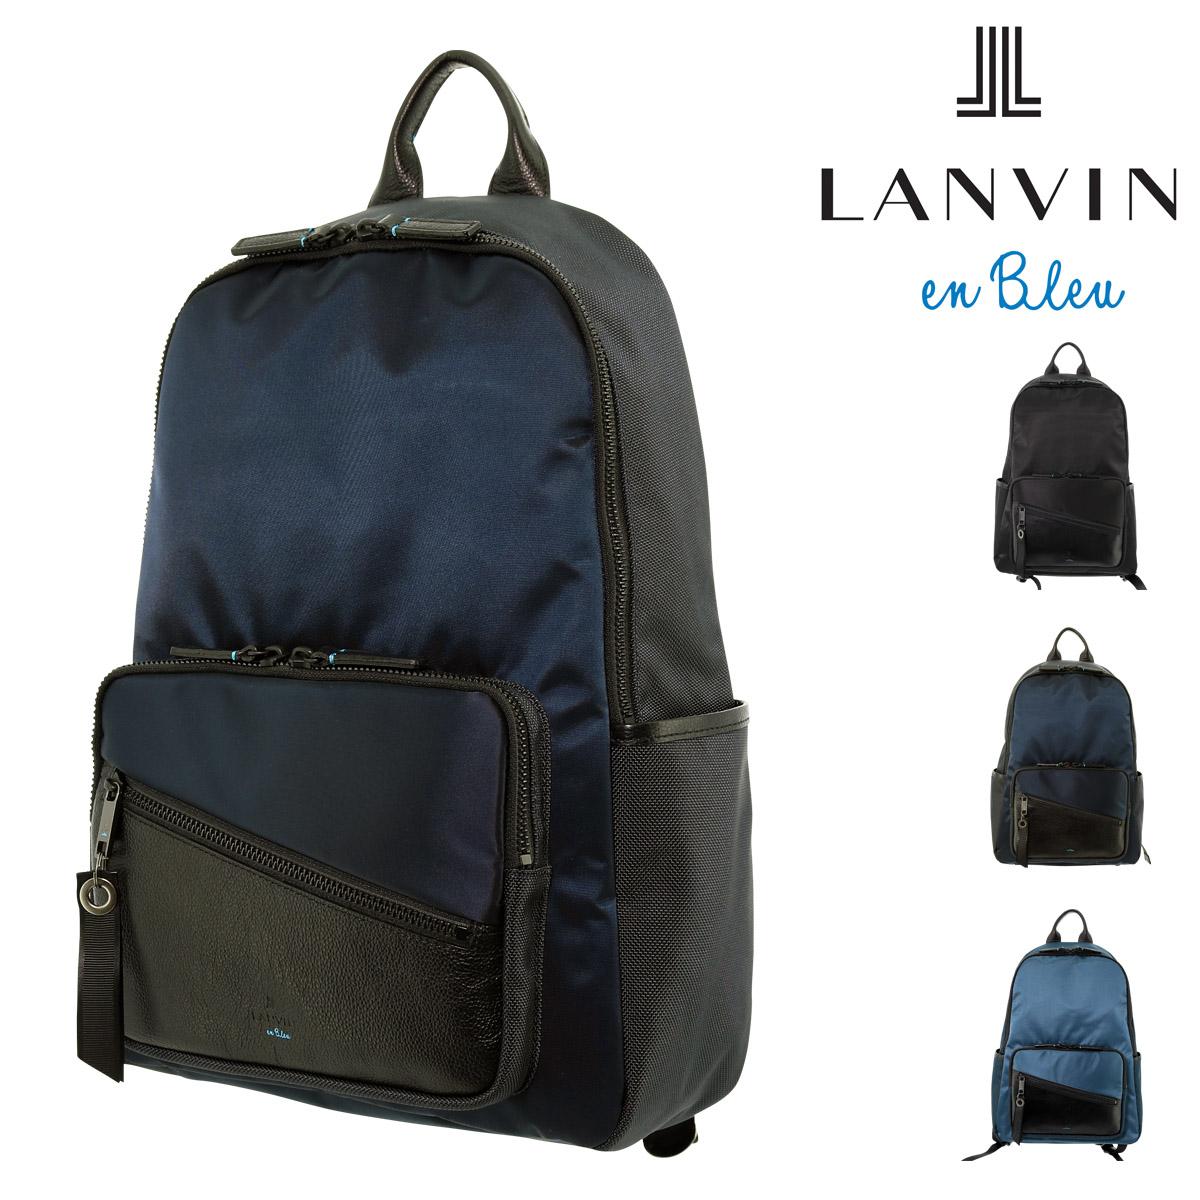 ランバンオンブルー リュック フェリックス メンズ 564721 日本製 LANVIN en Bleu | リュックサック デイパック バックパック ナイロン 牛革 本革 レザー[bef]